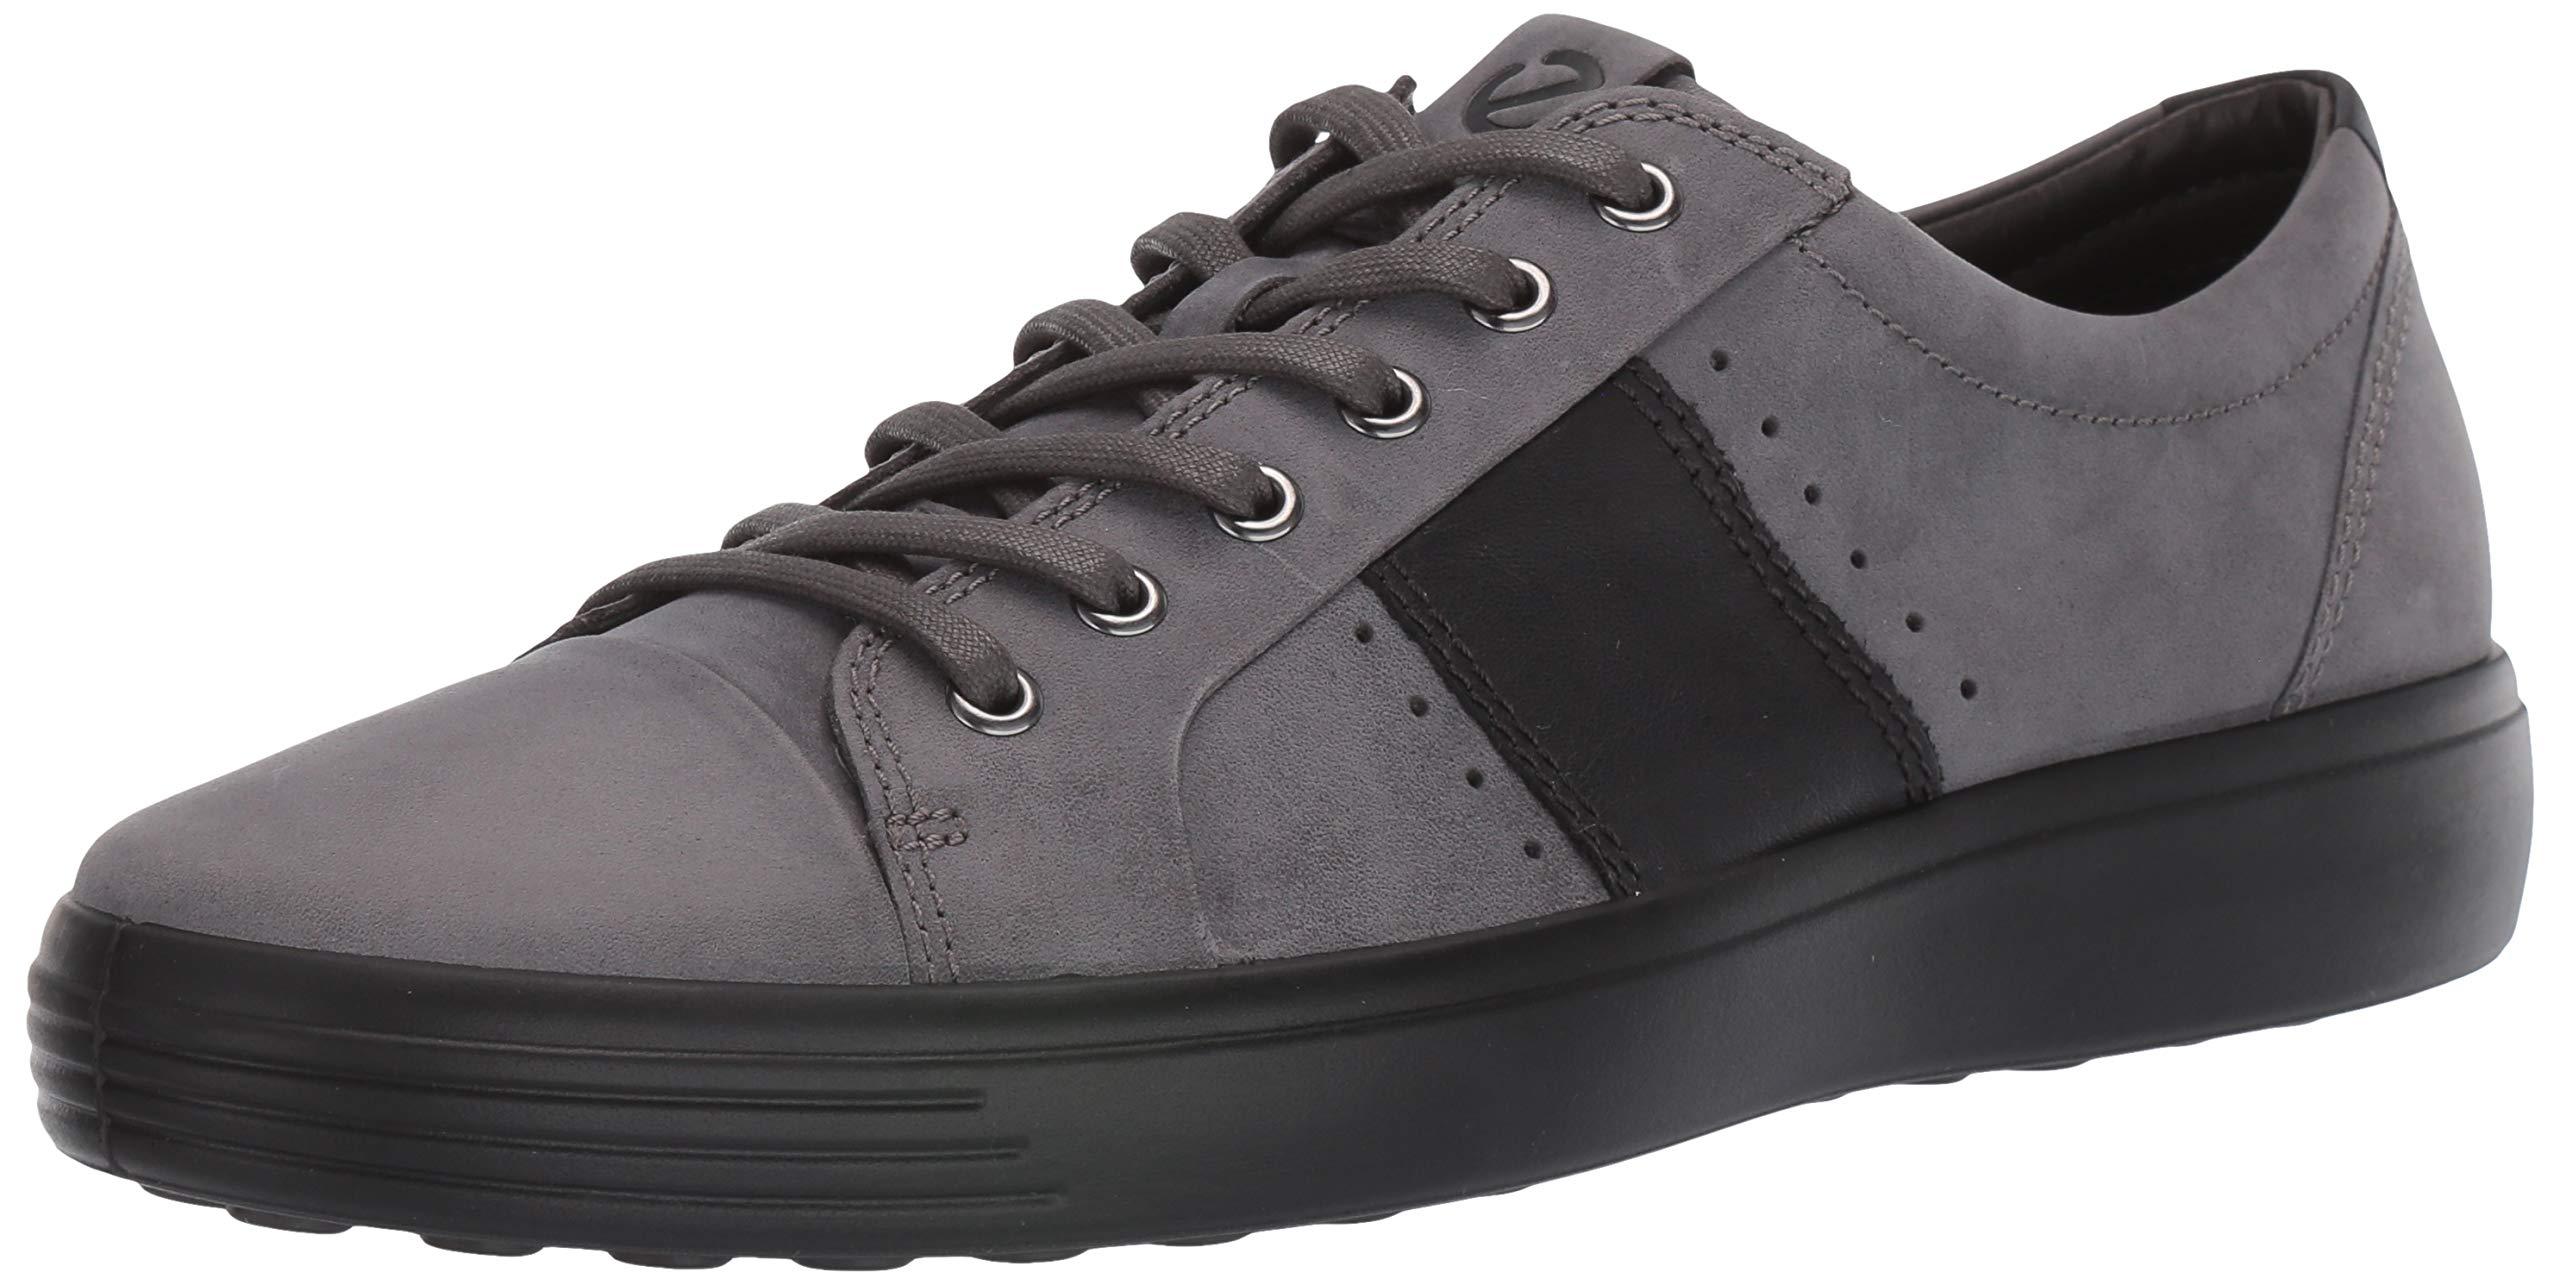 Eu MSneakers Ecco black Basses M 7 Soft 5125239 HommeGrismagnet BxdCeo